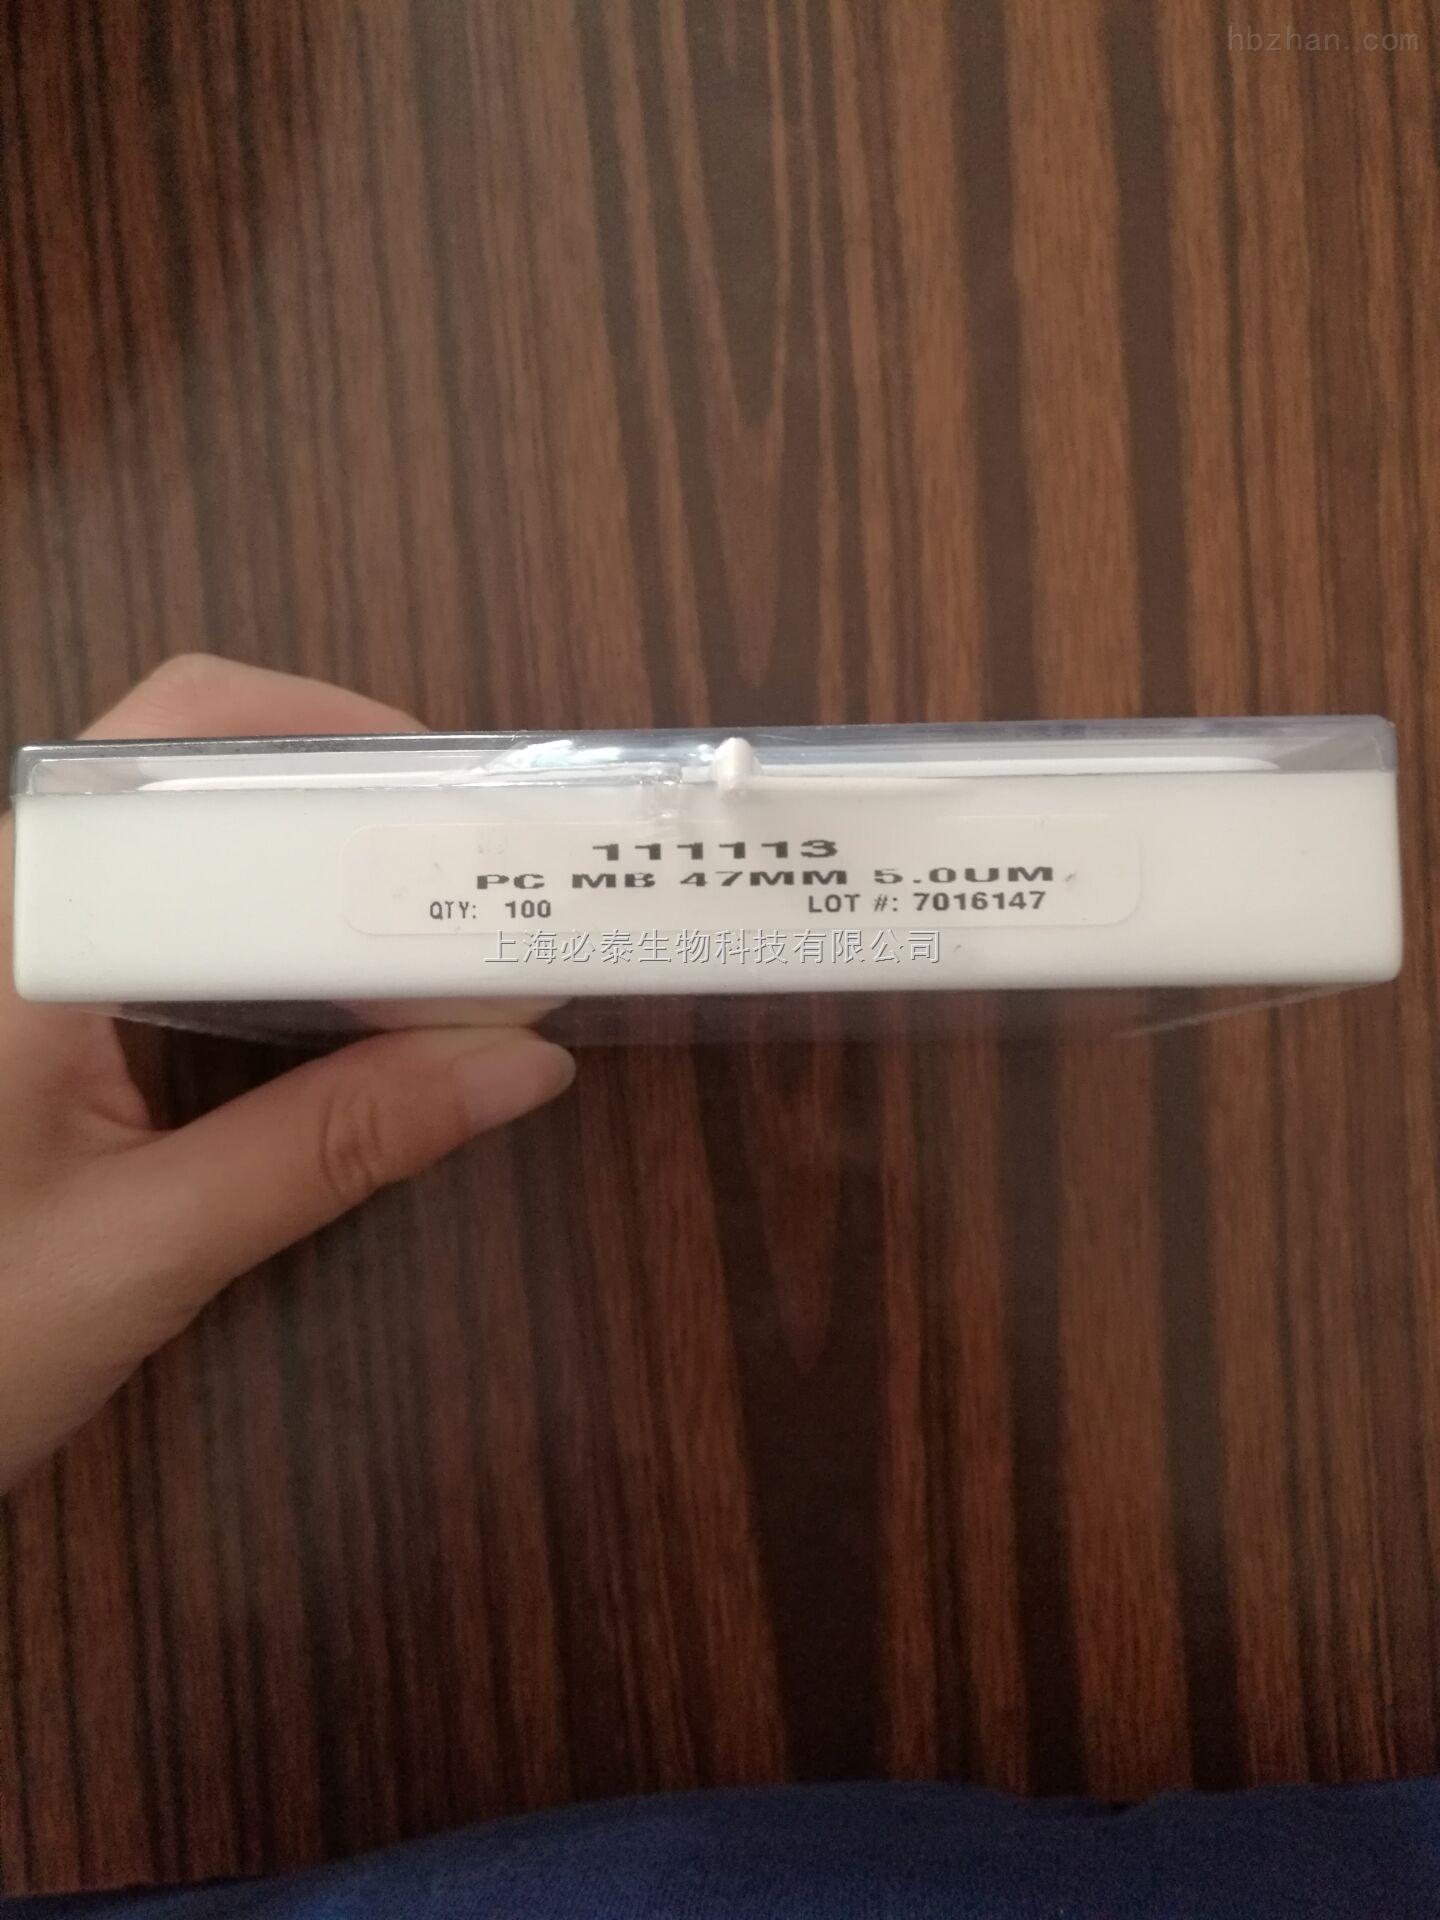 GE/whatman径迹蚀刻膜聚碳酸酯膜PC膜111113直径47mm孔径5um